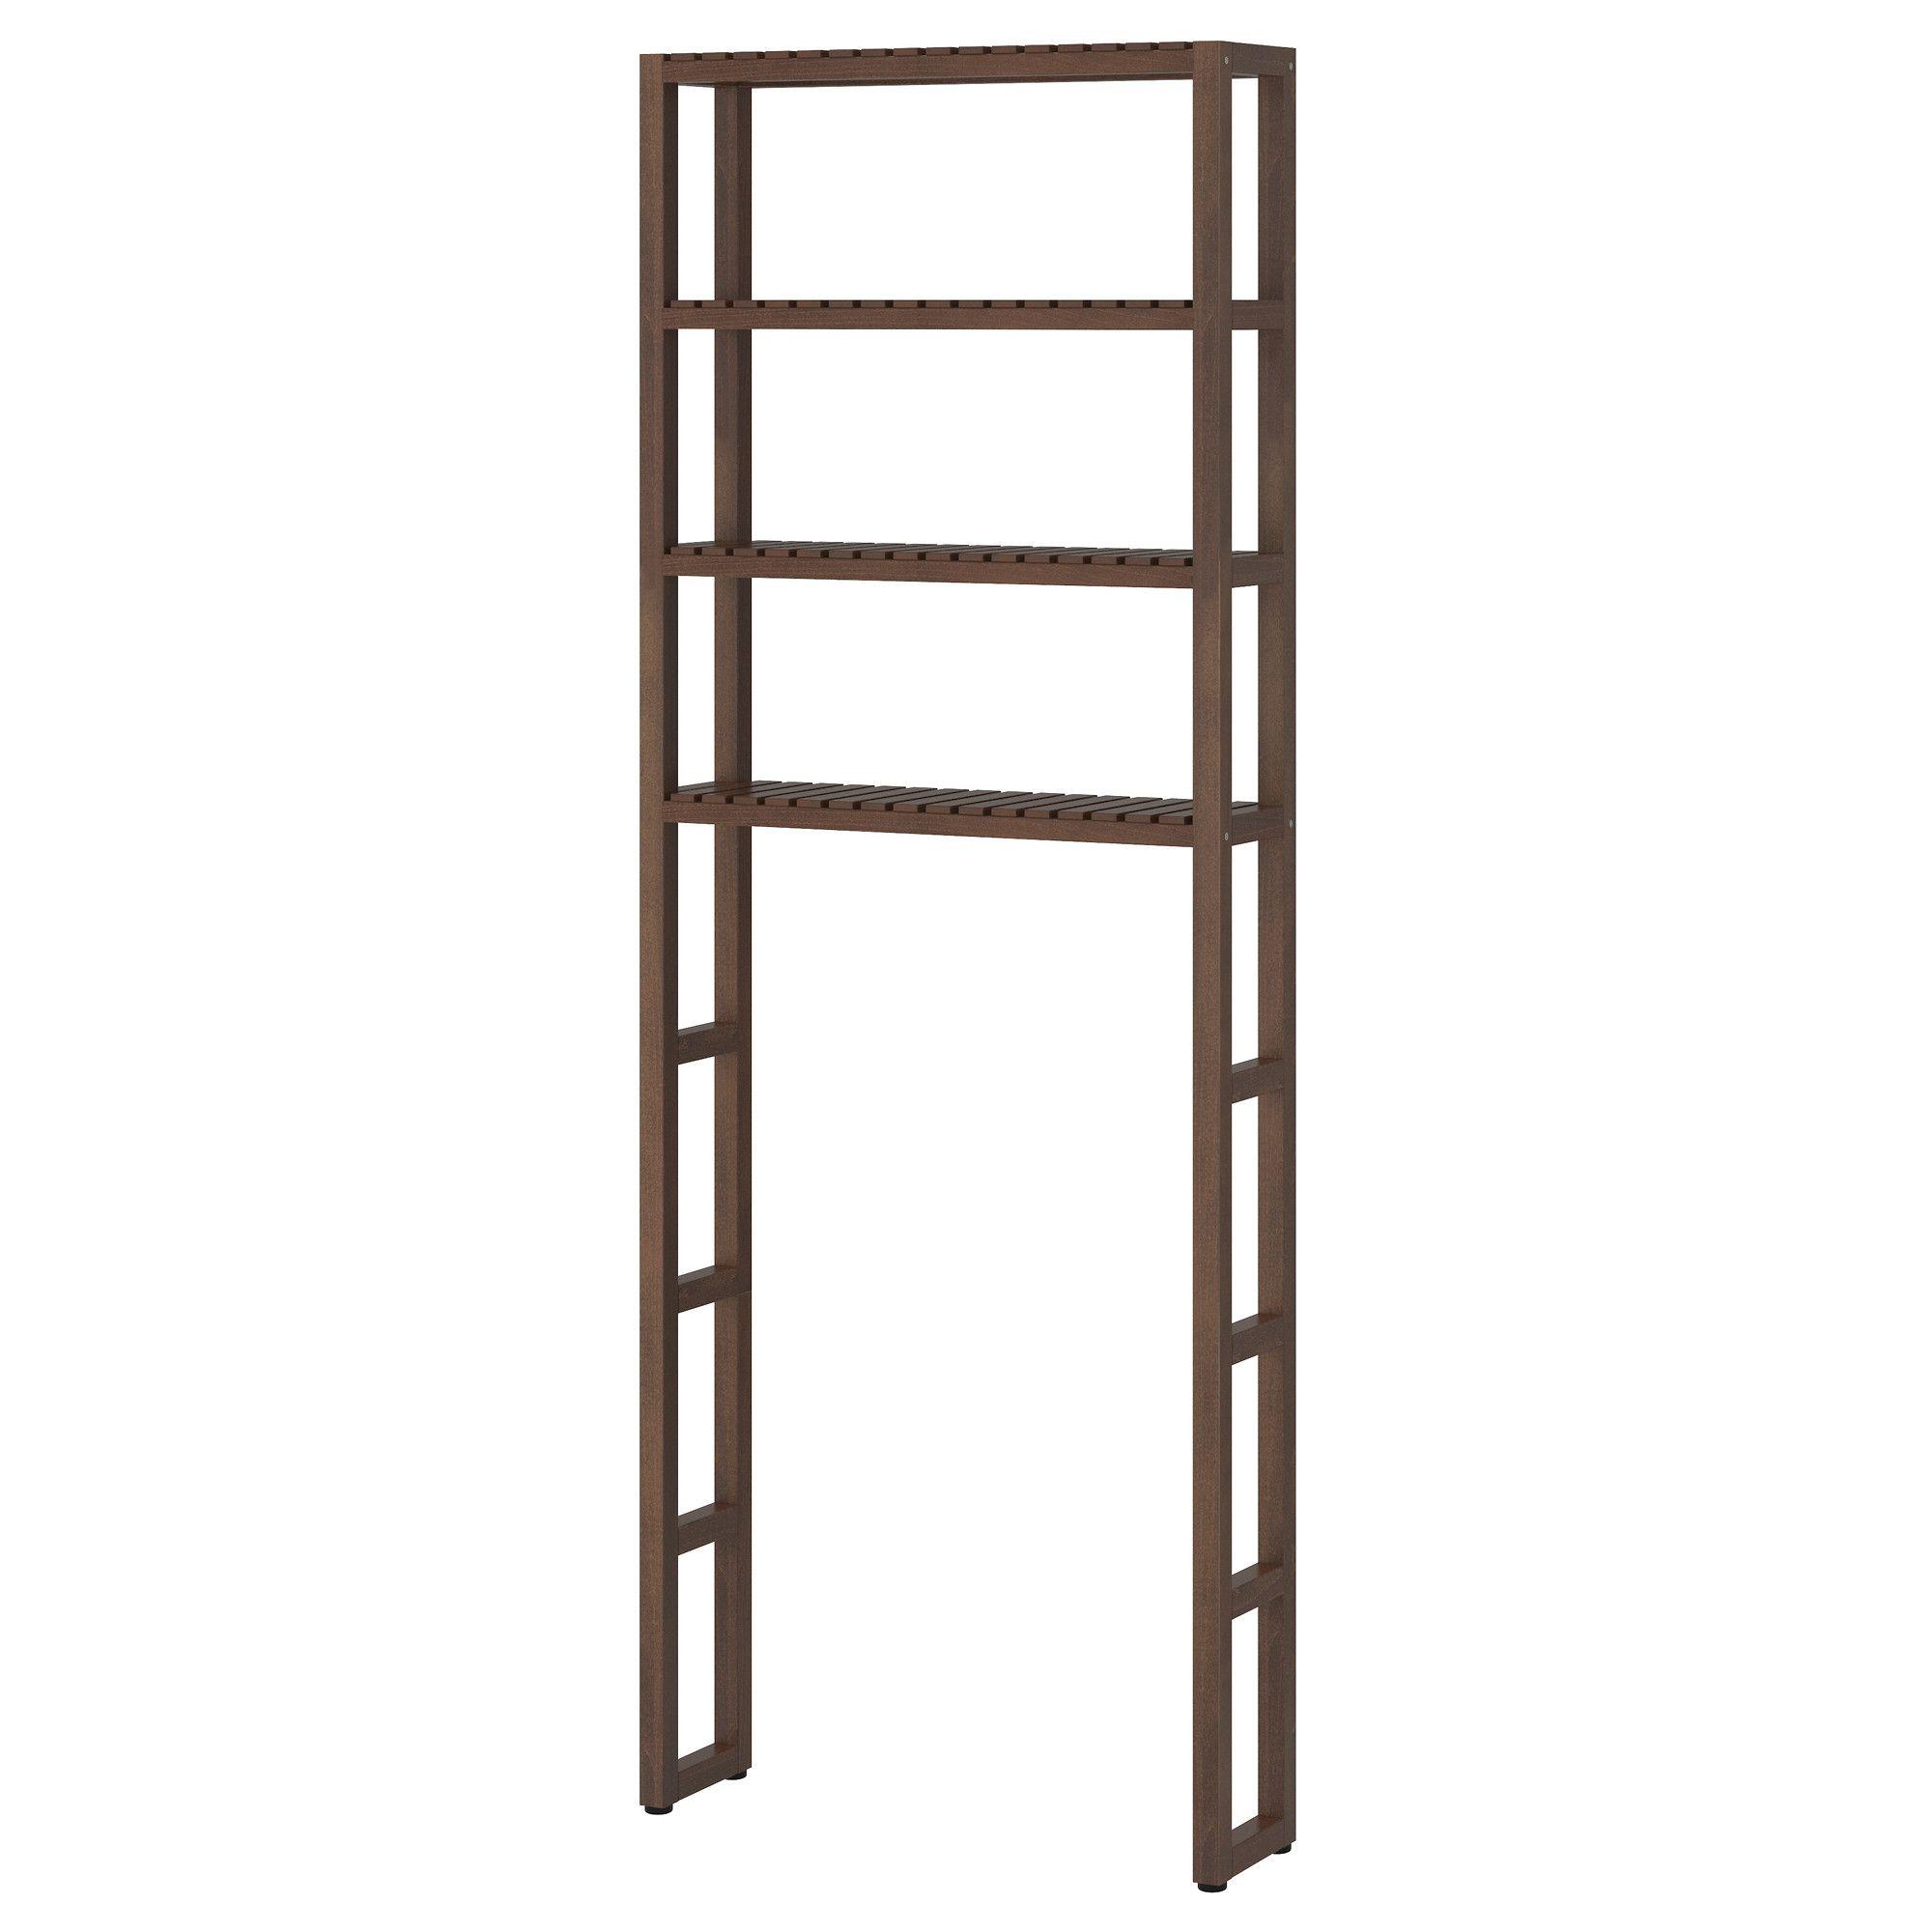 molger rangement ouvert brun fonc ikea 55 40 largeur 68 cm profondeur 18 cm hauteur 182. Black Bedroom Furniture Sets. Home Design Ideas